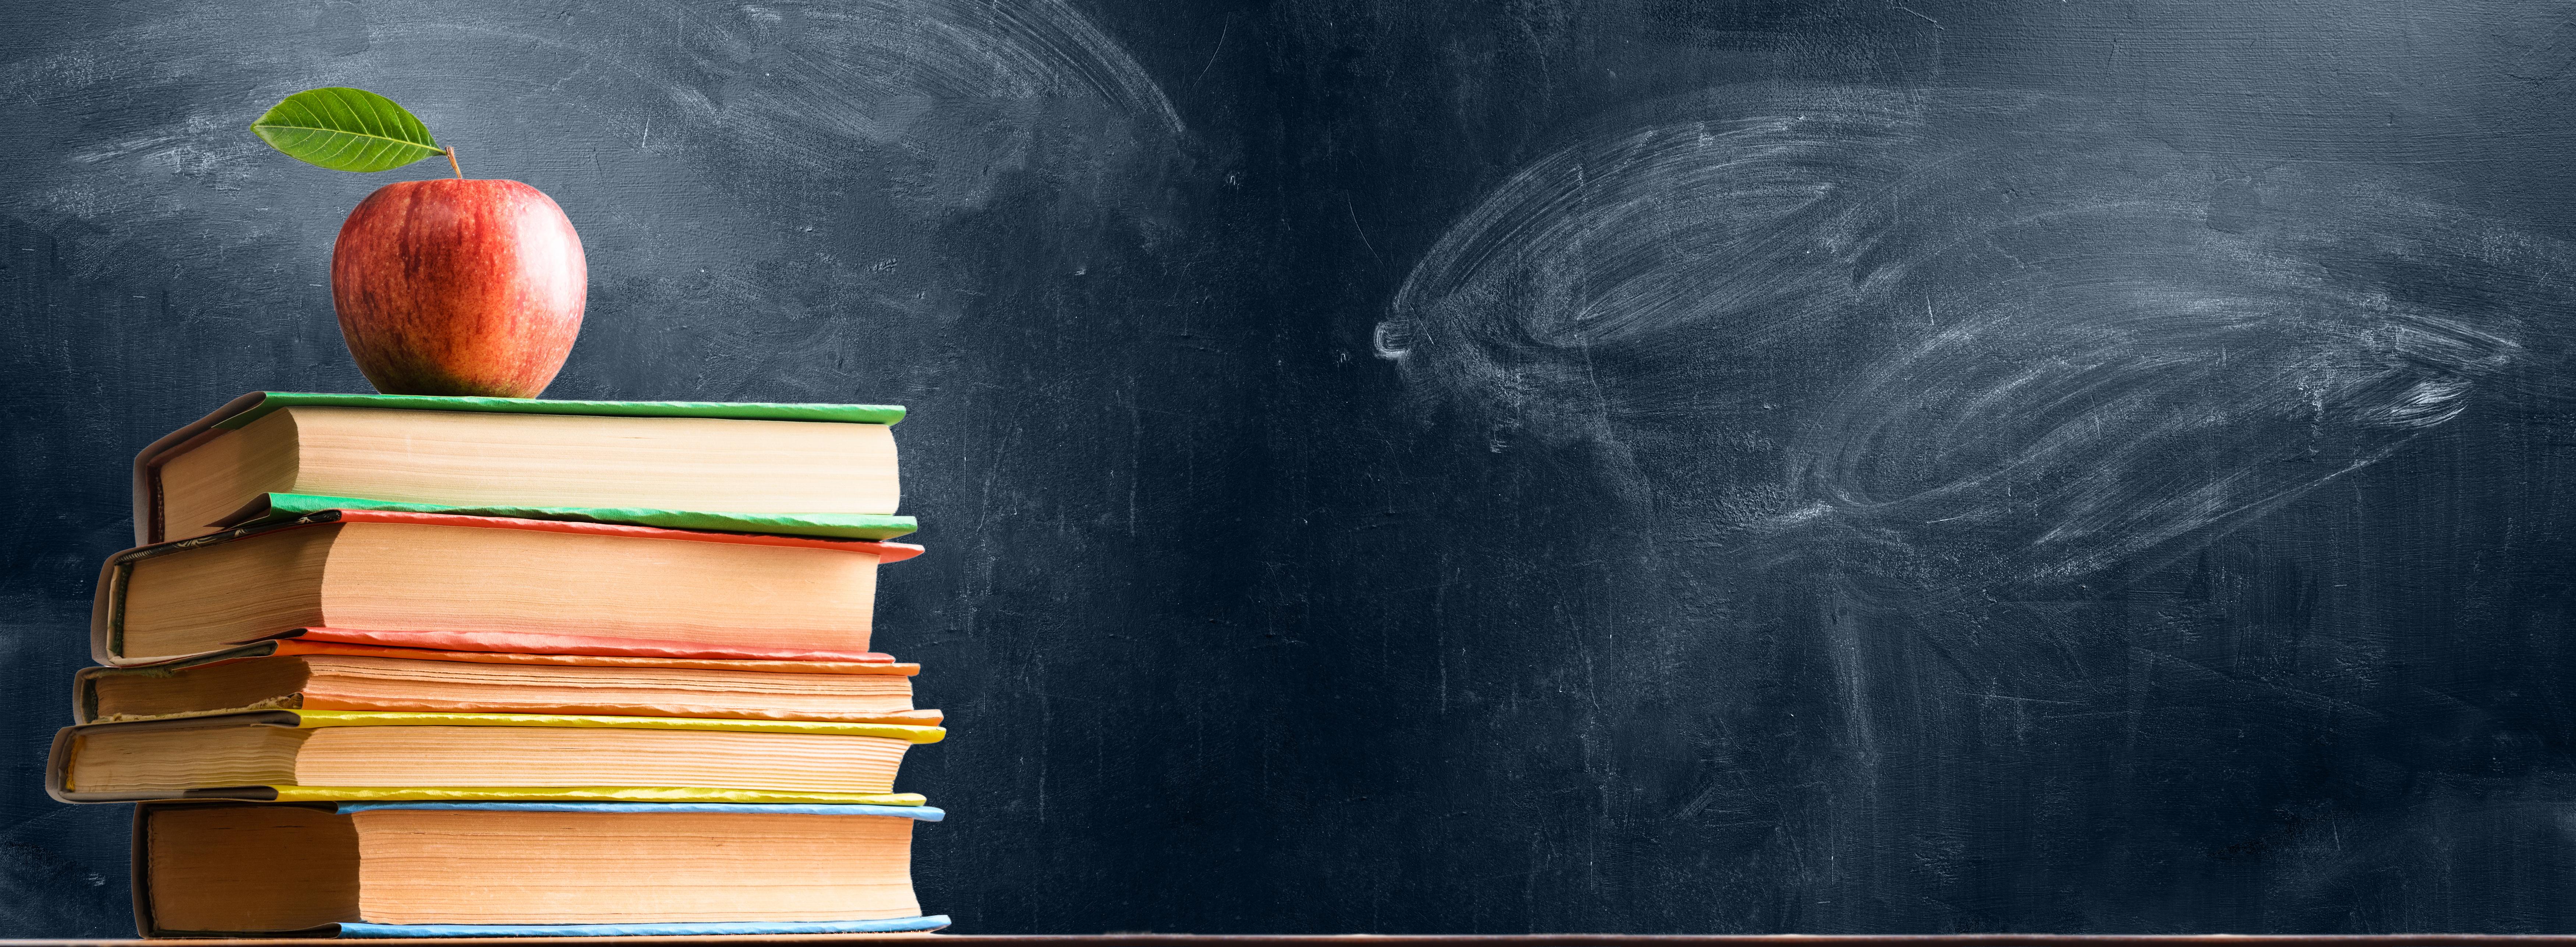 lavagna libri mela scuola università corsi universitari